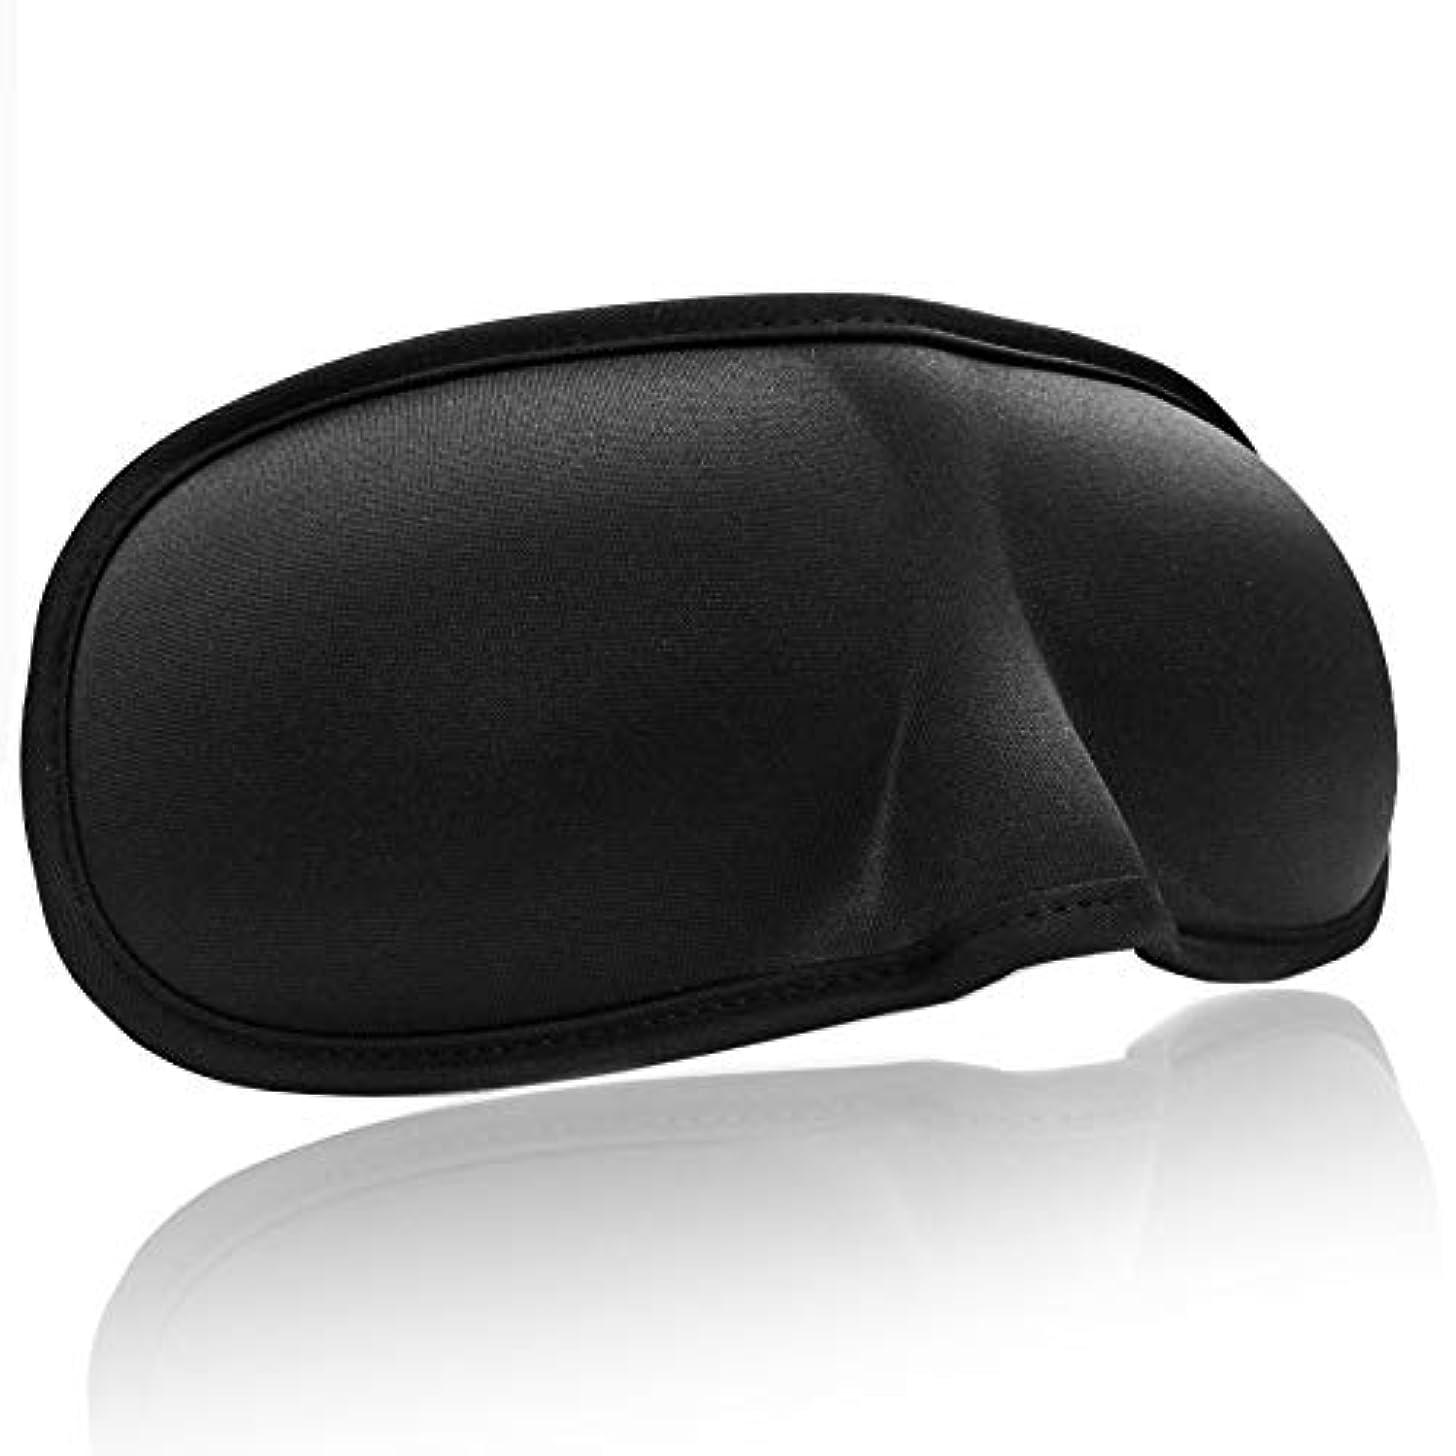 シビック魅力的であることへのアピール事NOTE ポータブル3dスリーピングアイマスクシェーディングマスク用睡眠ソフト調整可能包帯目にアイシェードカバー旅行アイパッチ+耳栓